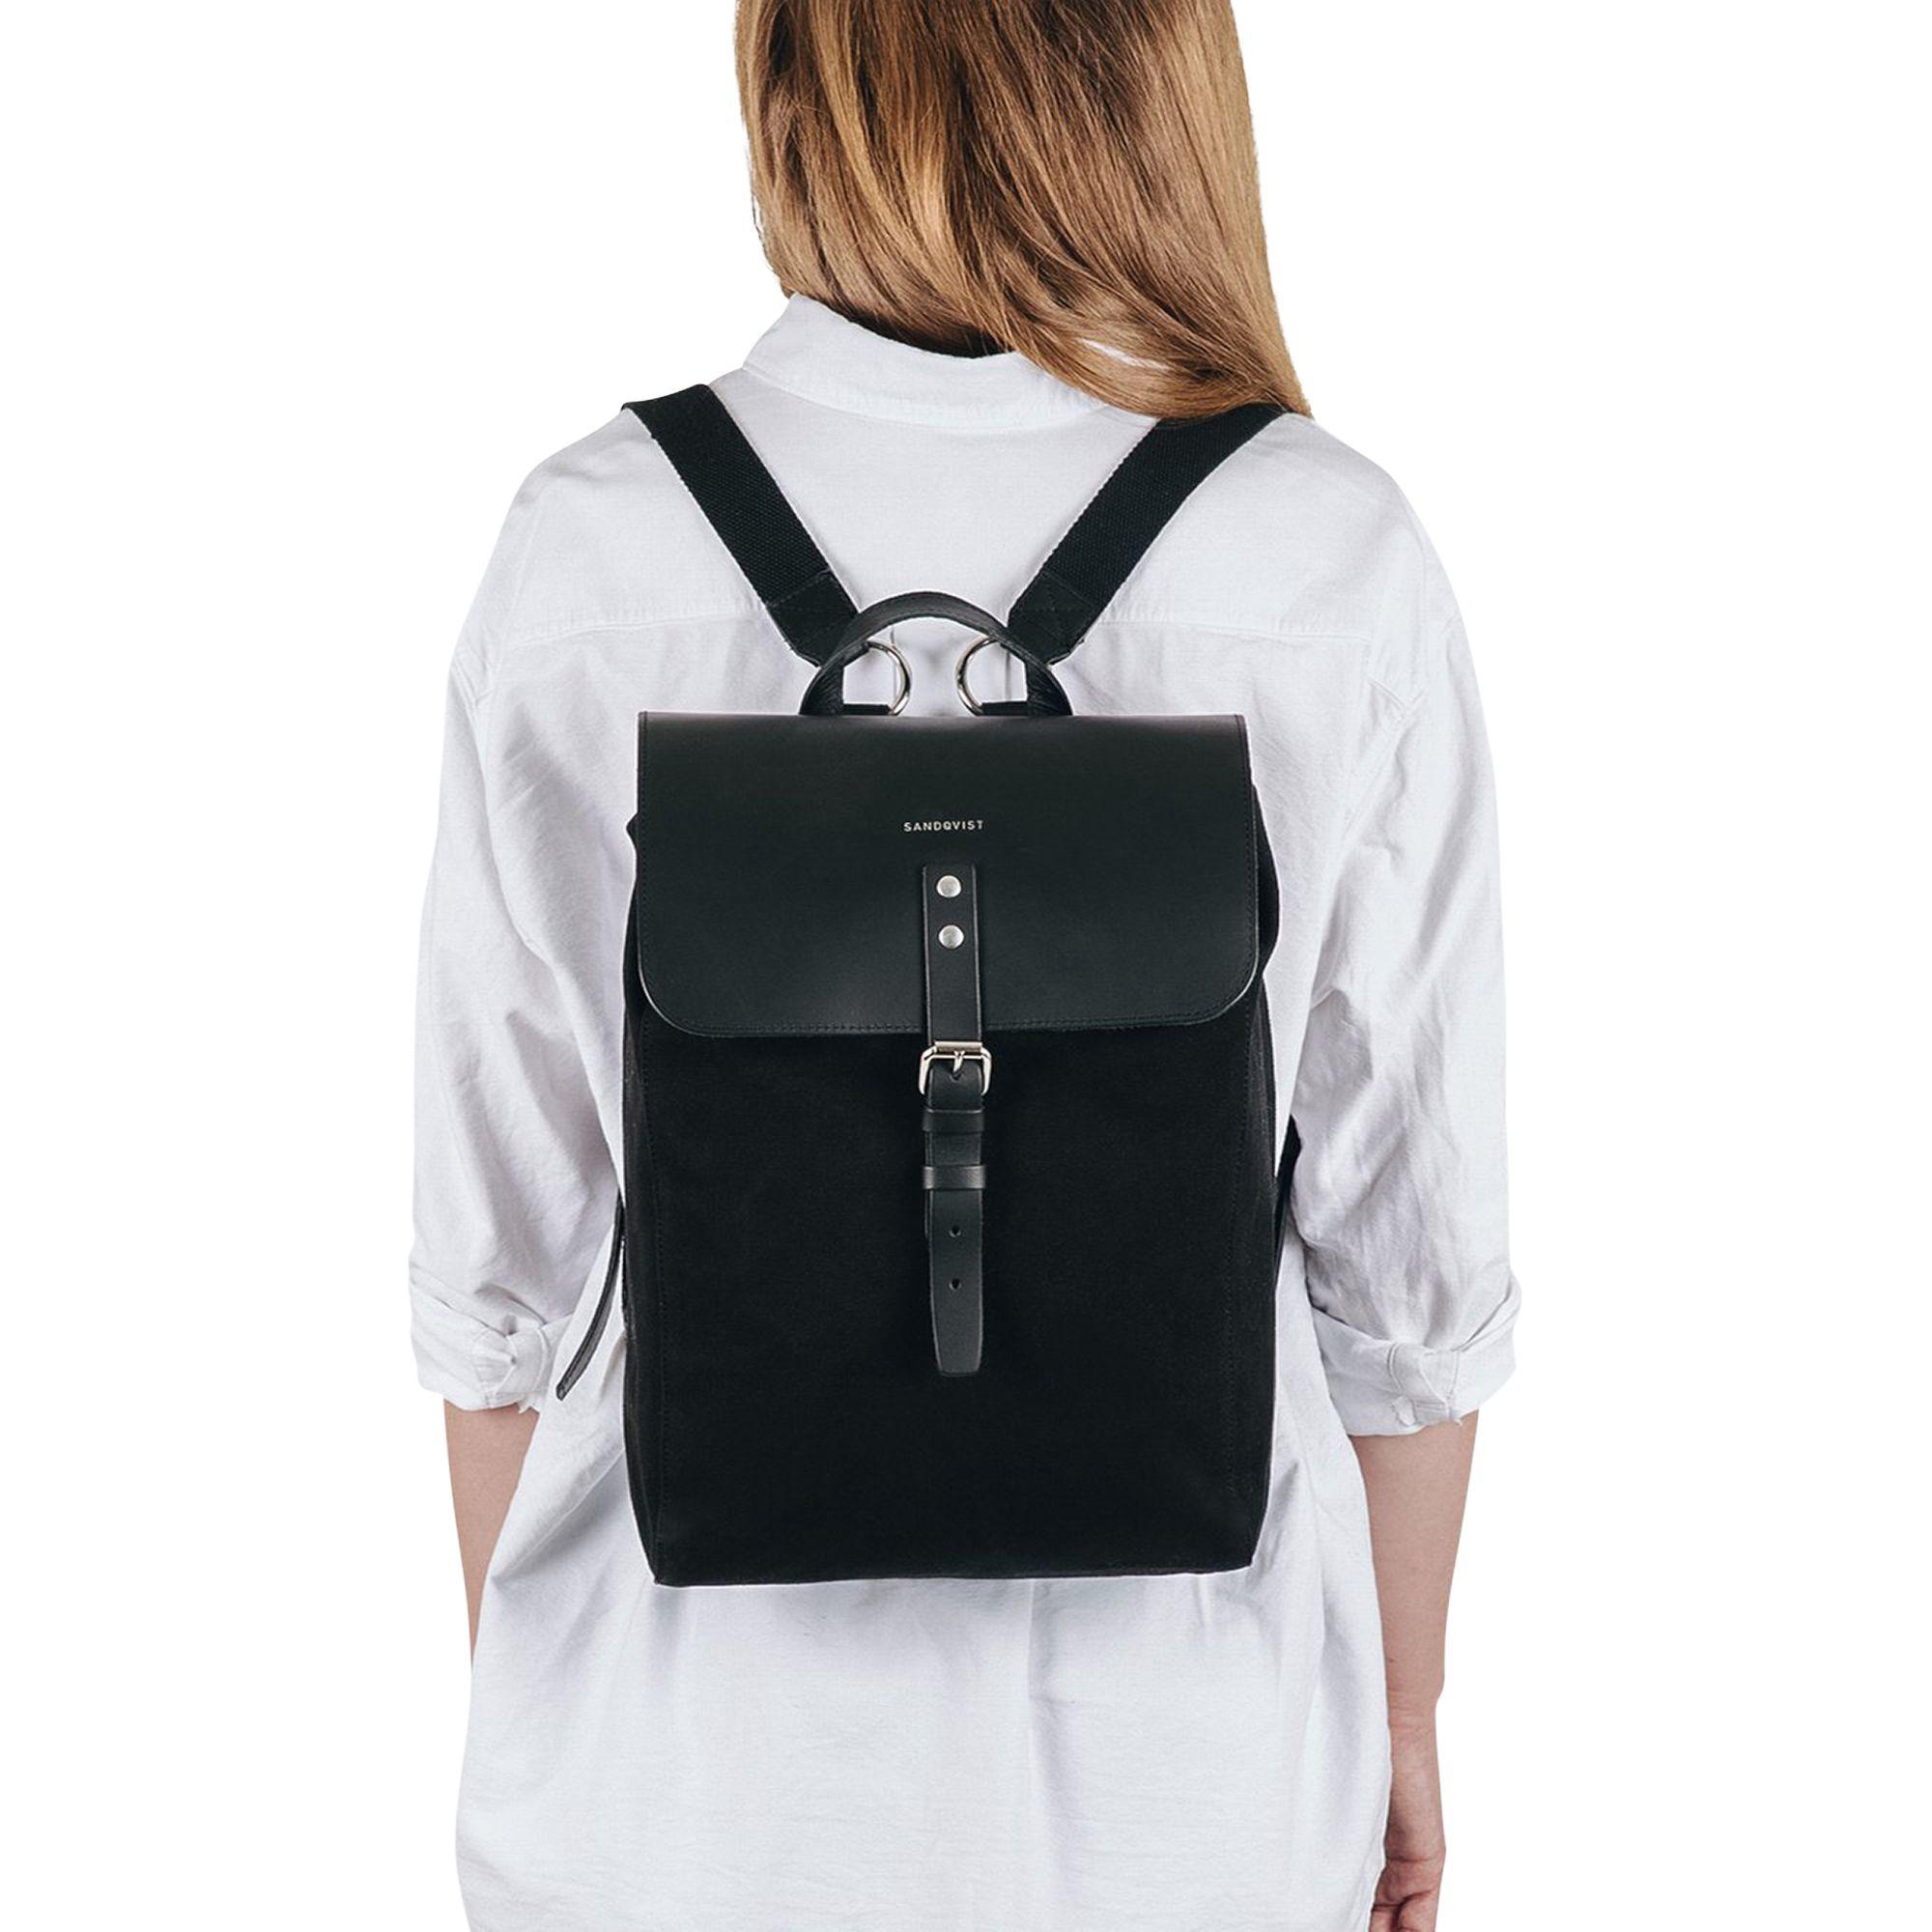 Black rucksack Vegan backpack Best selling item Bordeaux rucksack Large backpack Faux leather backpack Bordeaux backpack Black backpack